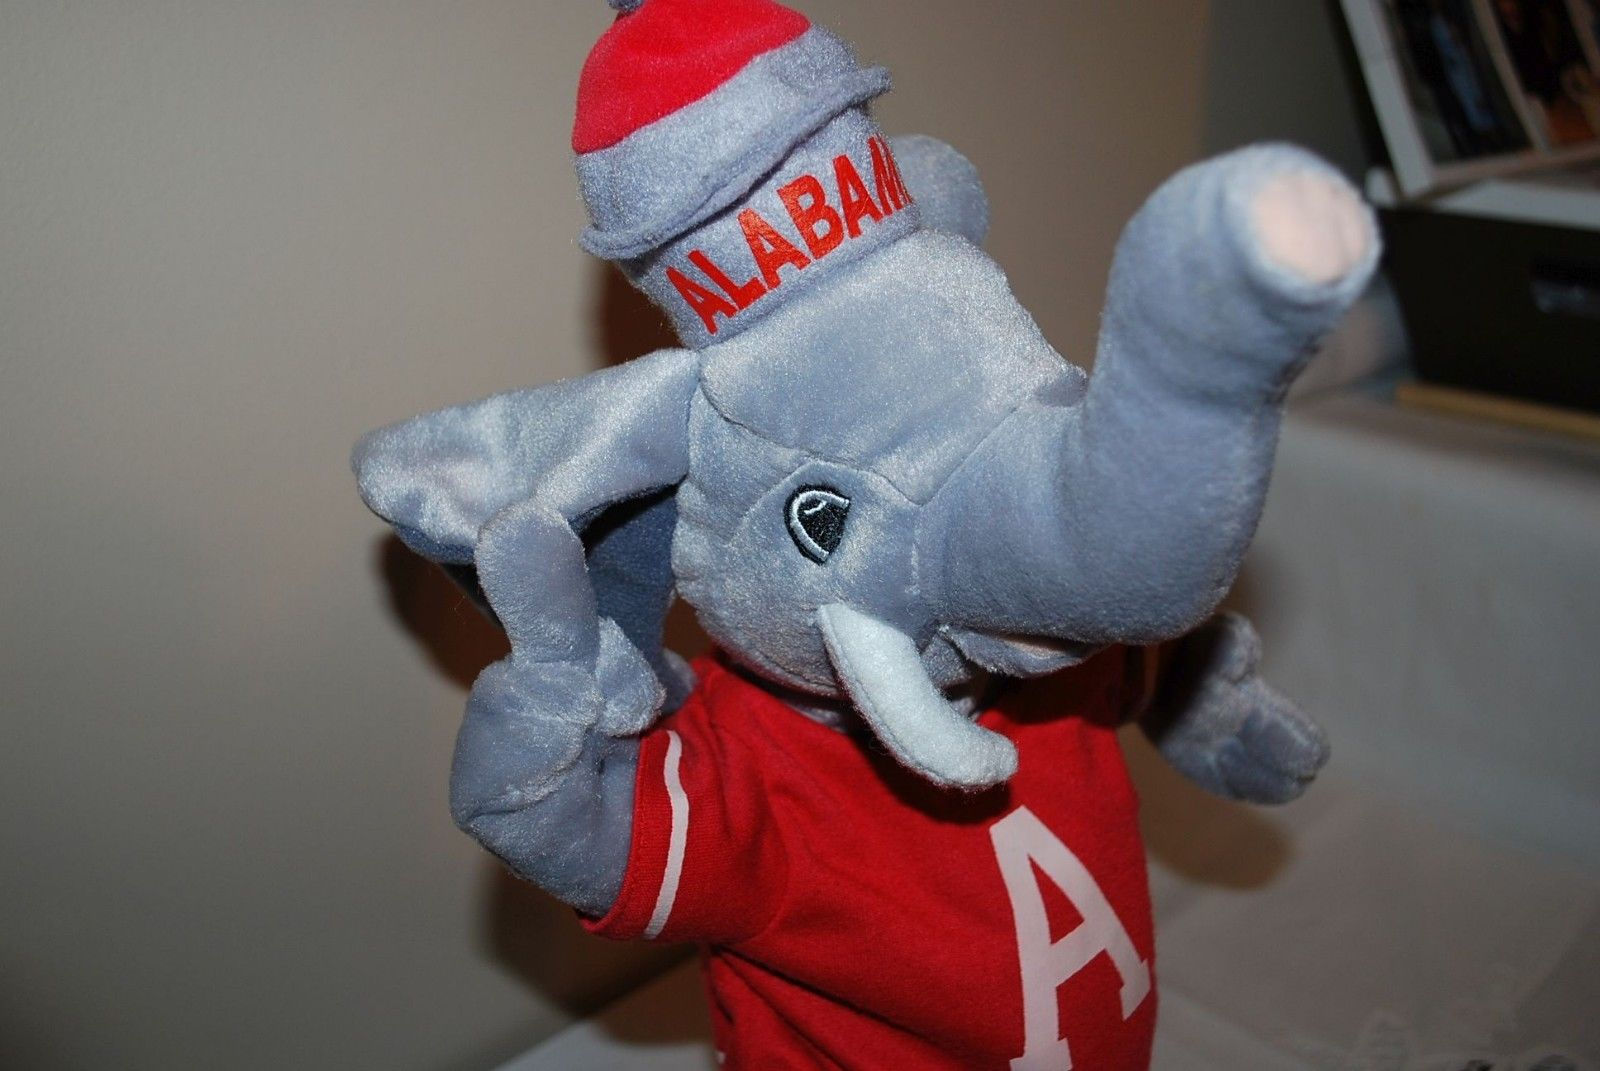 Image University Of Alabama Crimson Tide Stuffed Elephant Plays